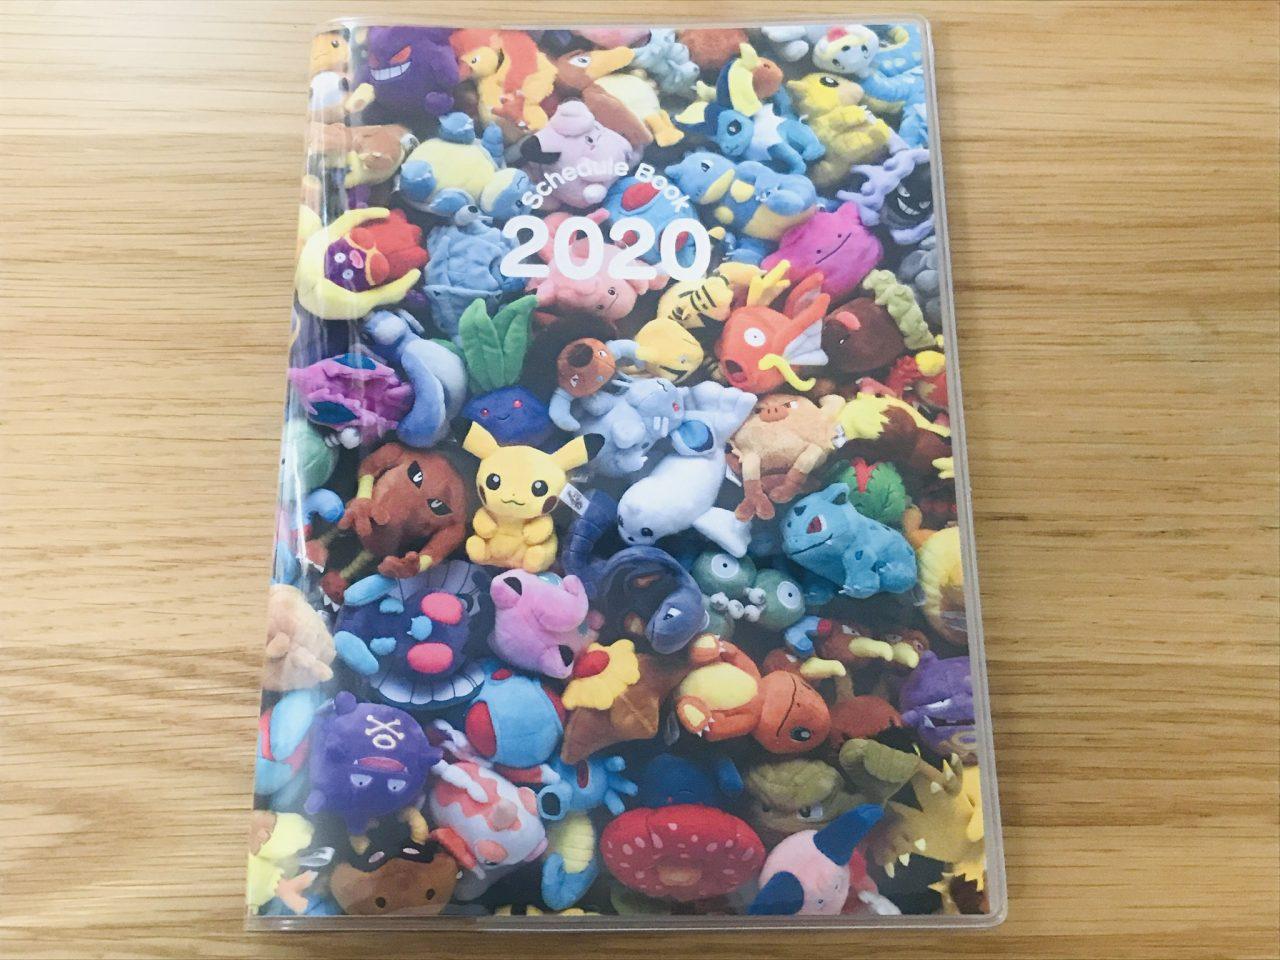 「Pokemon fit」の2020年スケジュール帳表紙